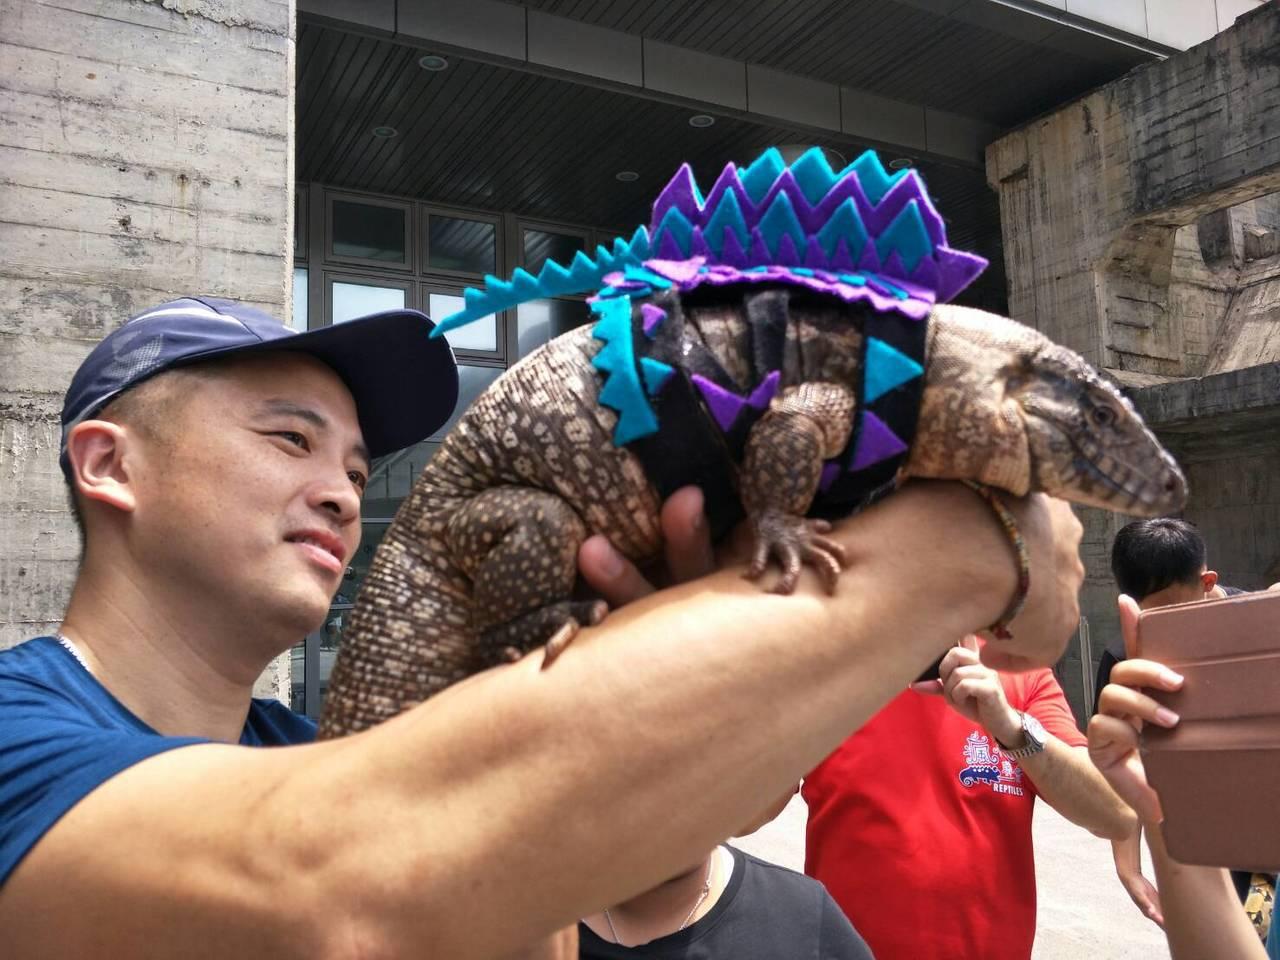 在飼主的精心打扮之下,許多寵物都吸引了許多大小朋友,不僅搶著拍照,也伸手實地觸摸...